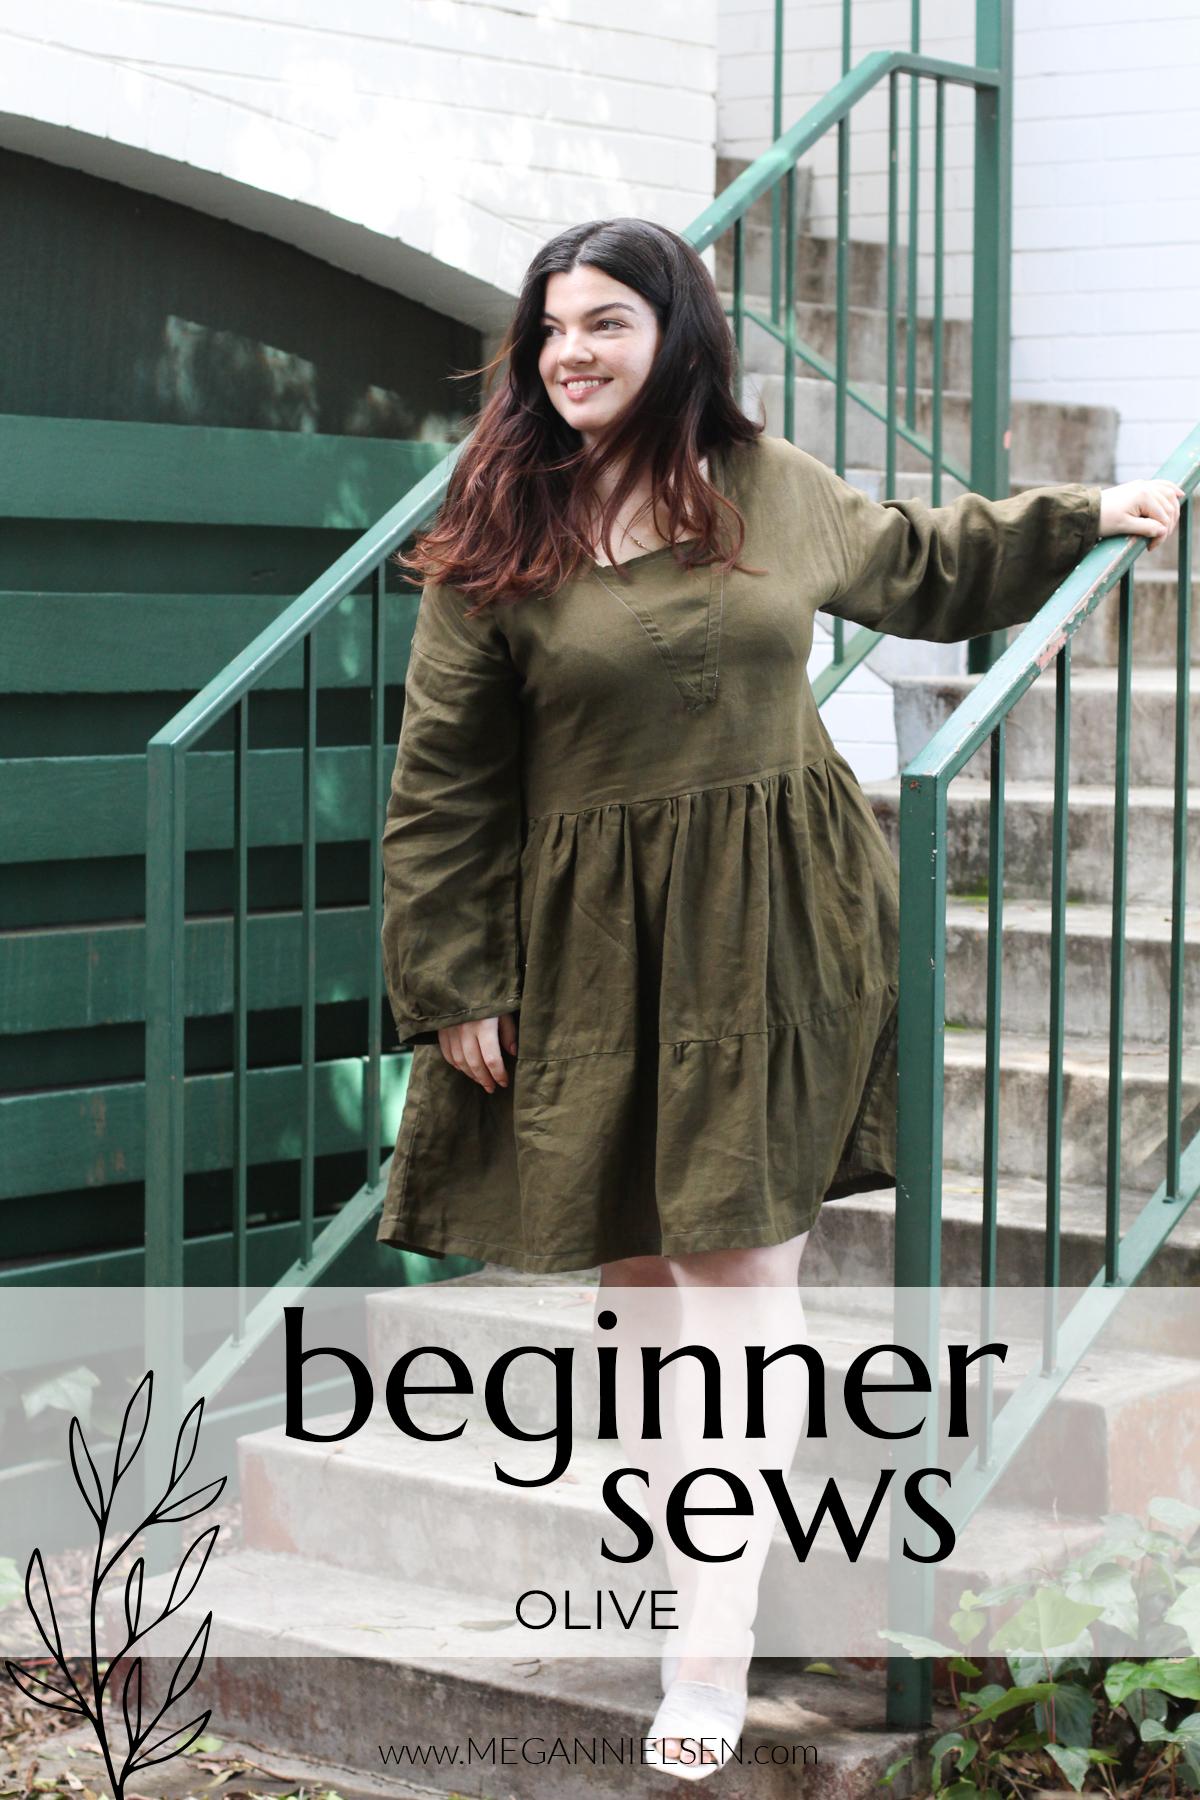 A Beginner Sews Olive on the Megan Nielsen Blog